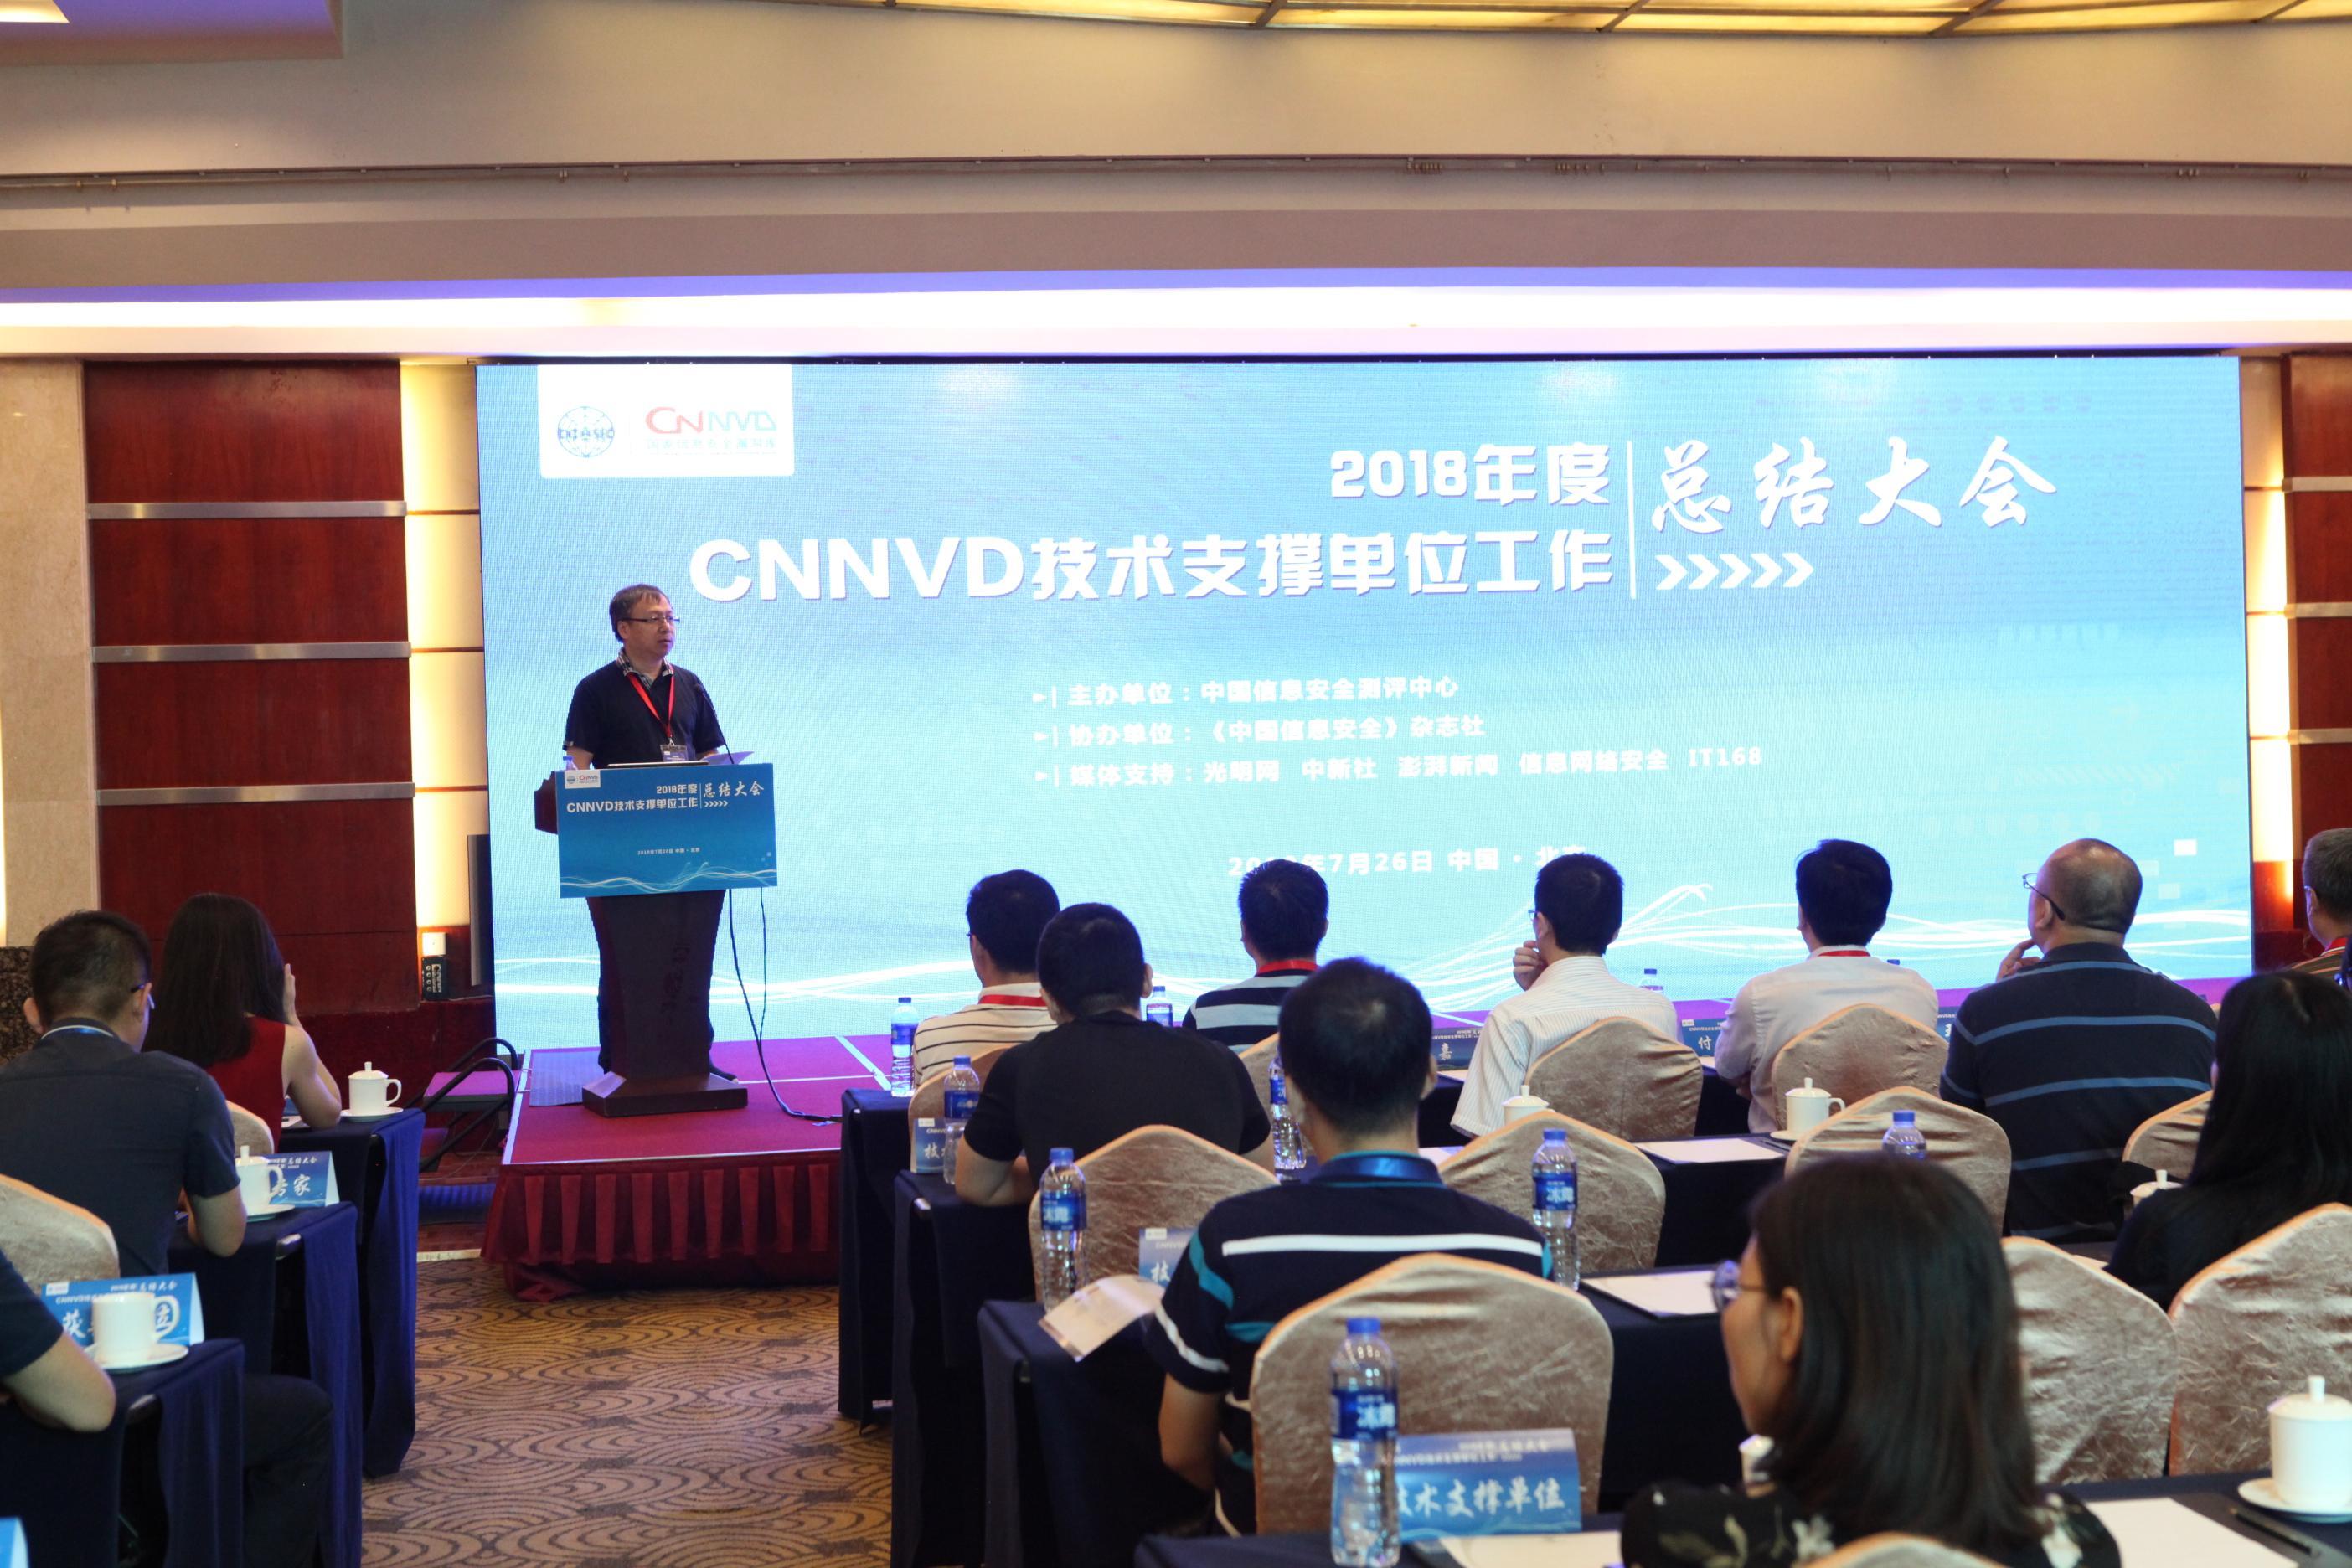 CNNVD技术支撑单位年度工作总结大会成功举办